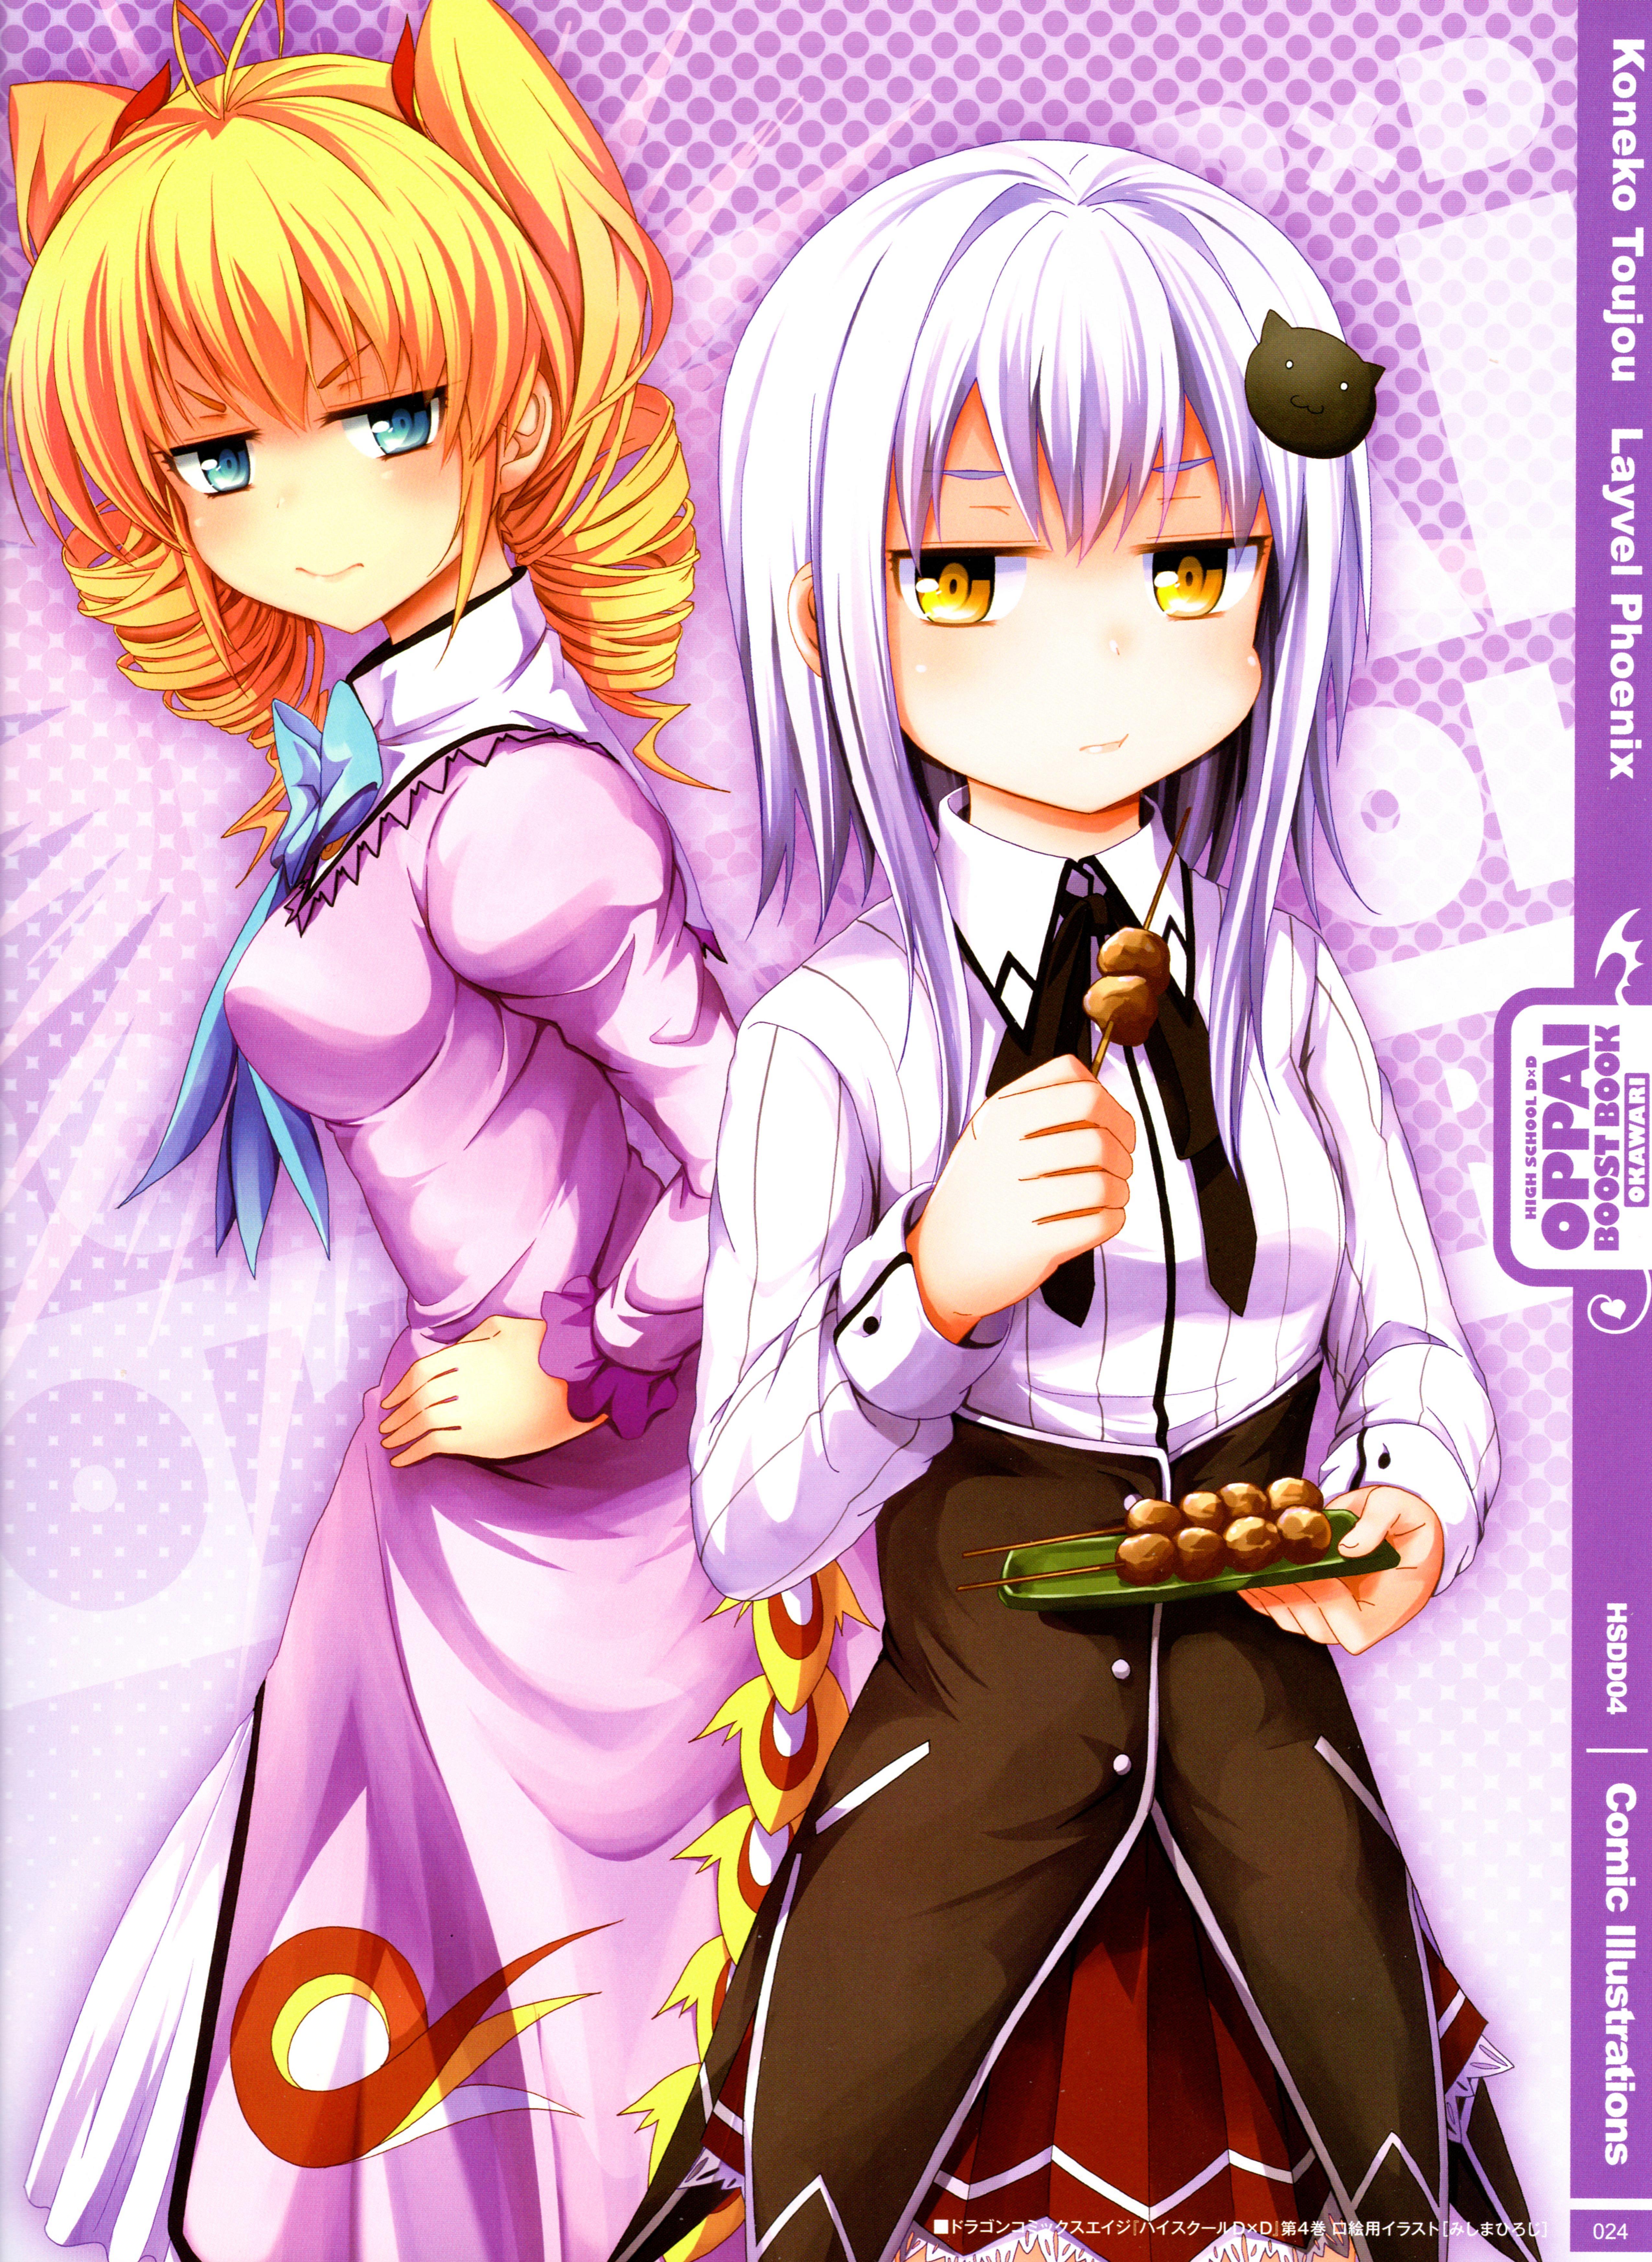 Highschool DxD Image #1695545 - Zerochan Anime Image Board